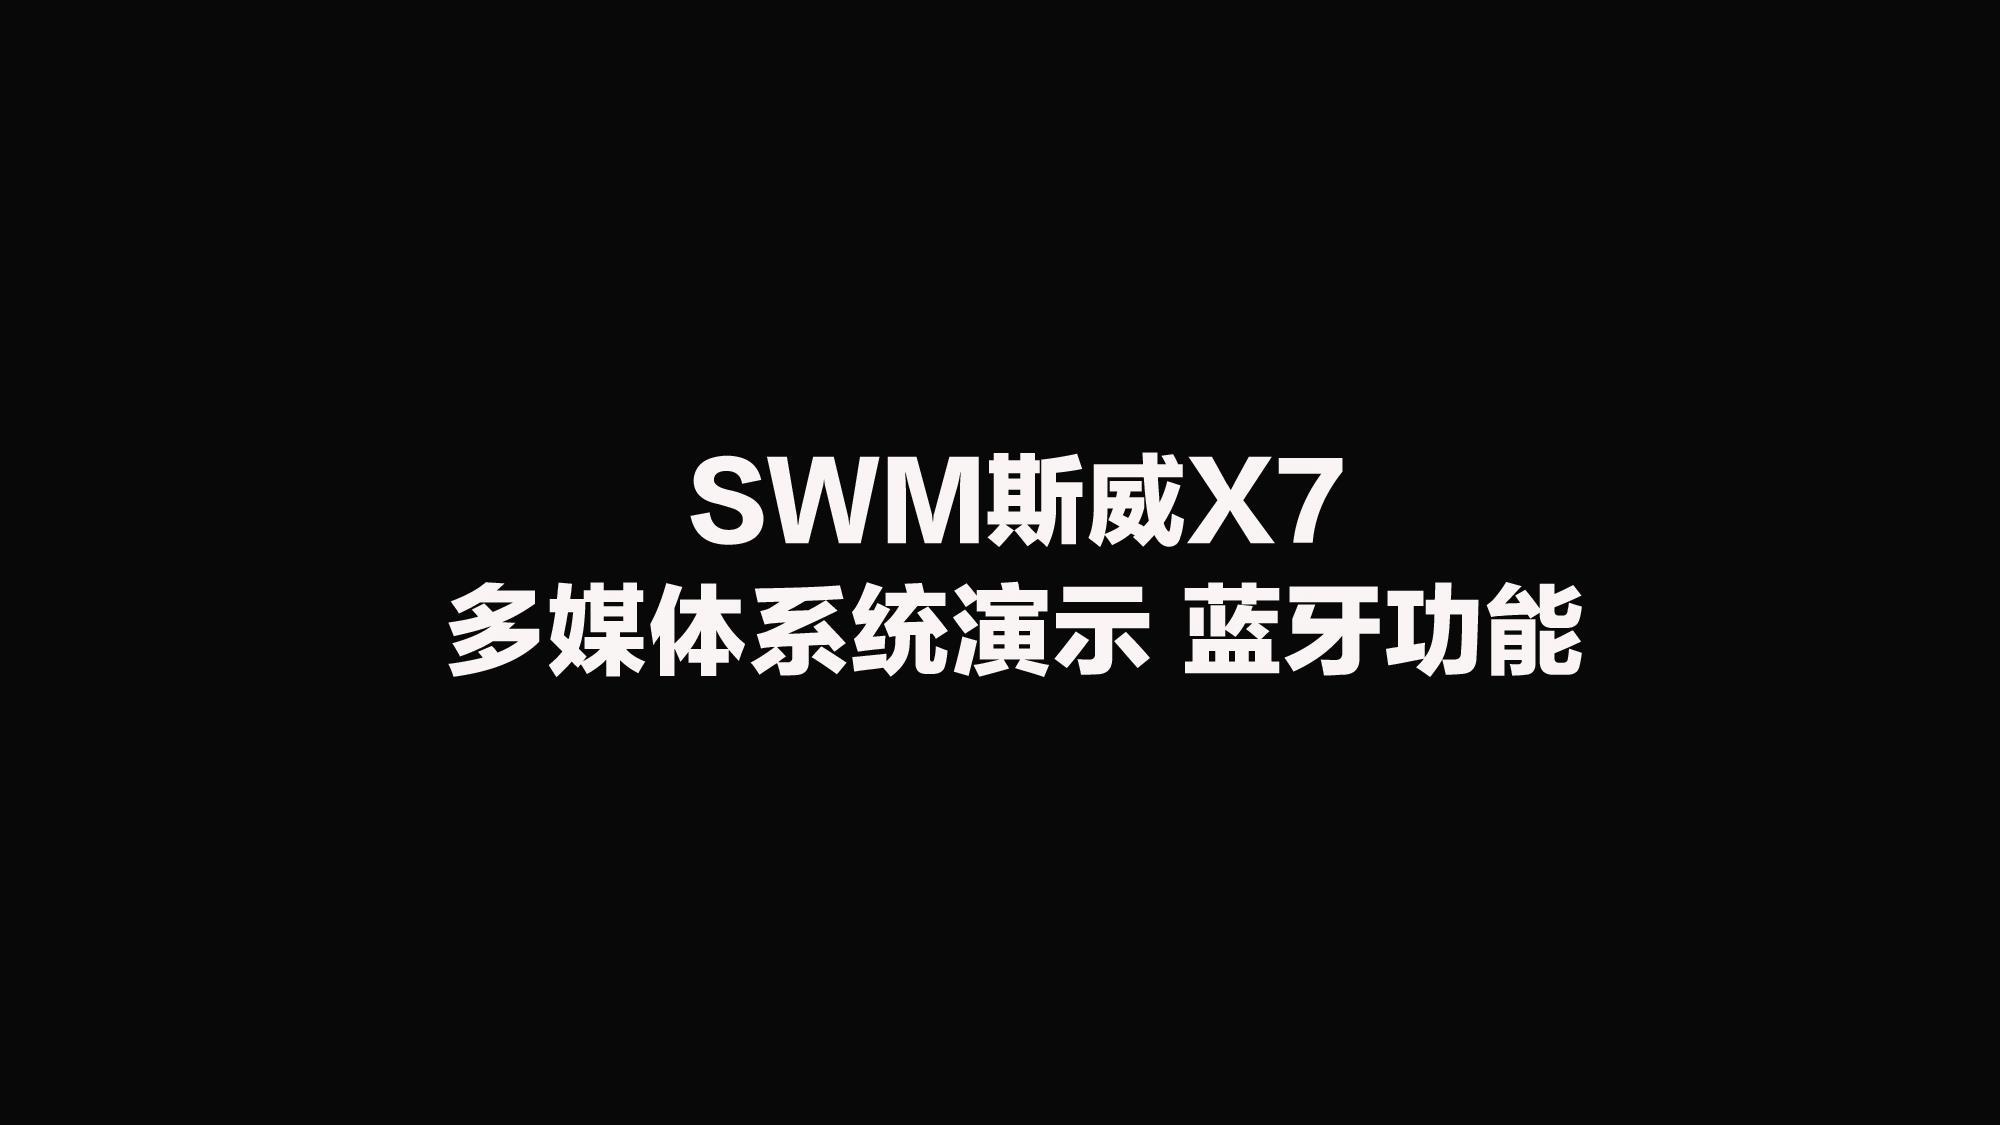 斯威X7蓝牙功能演示